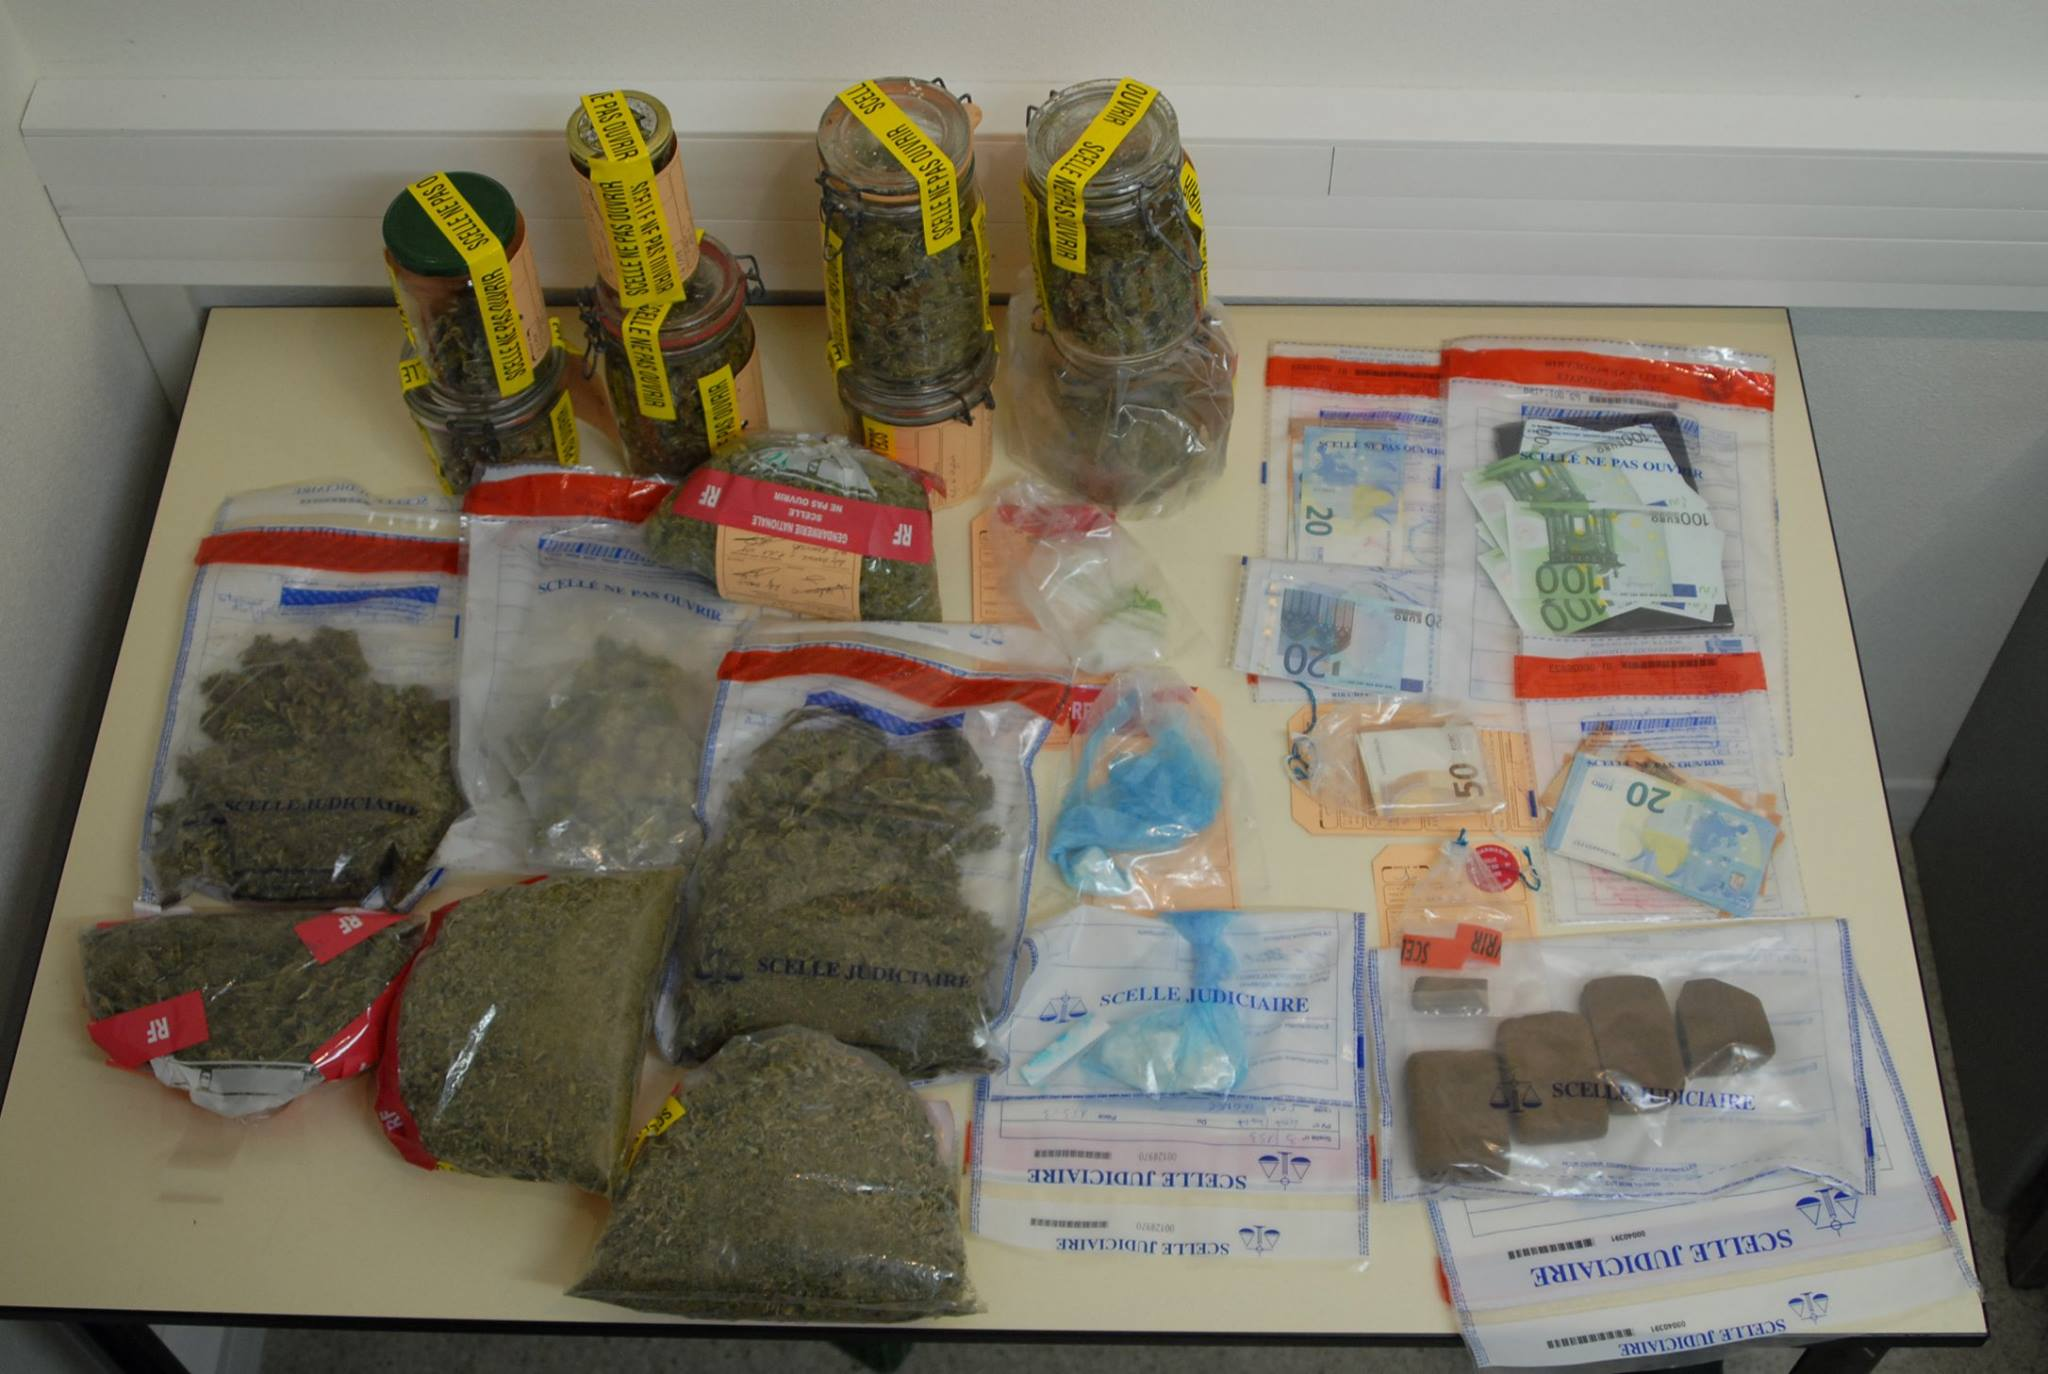 Un trafic de cocaïne et cannabis démantelé dans les Pyrénées, 12 personnes arrêtées